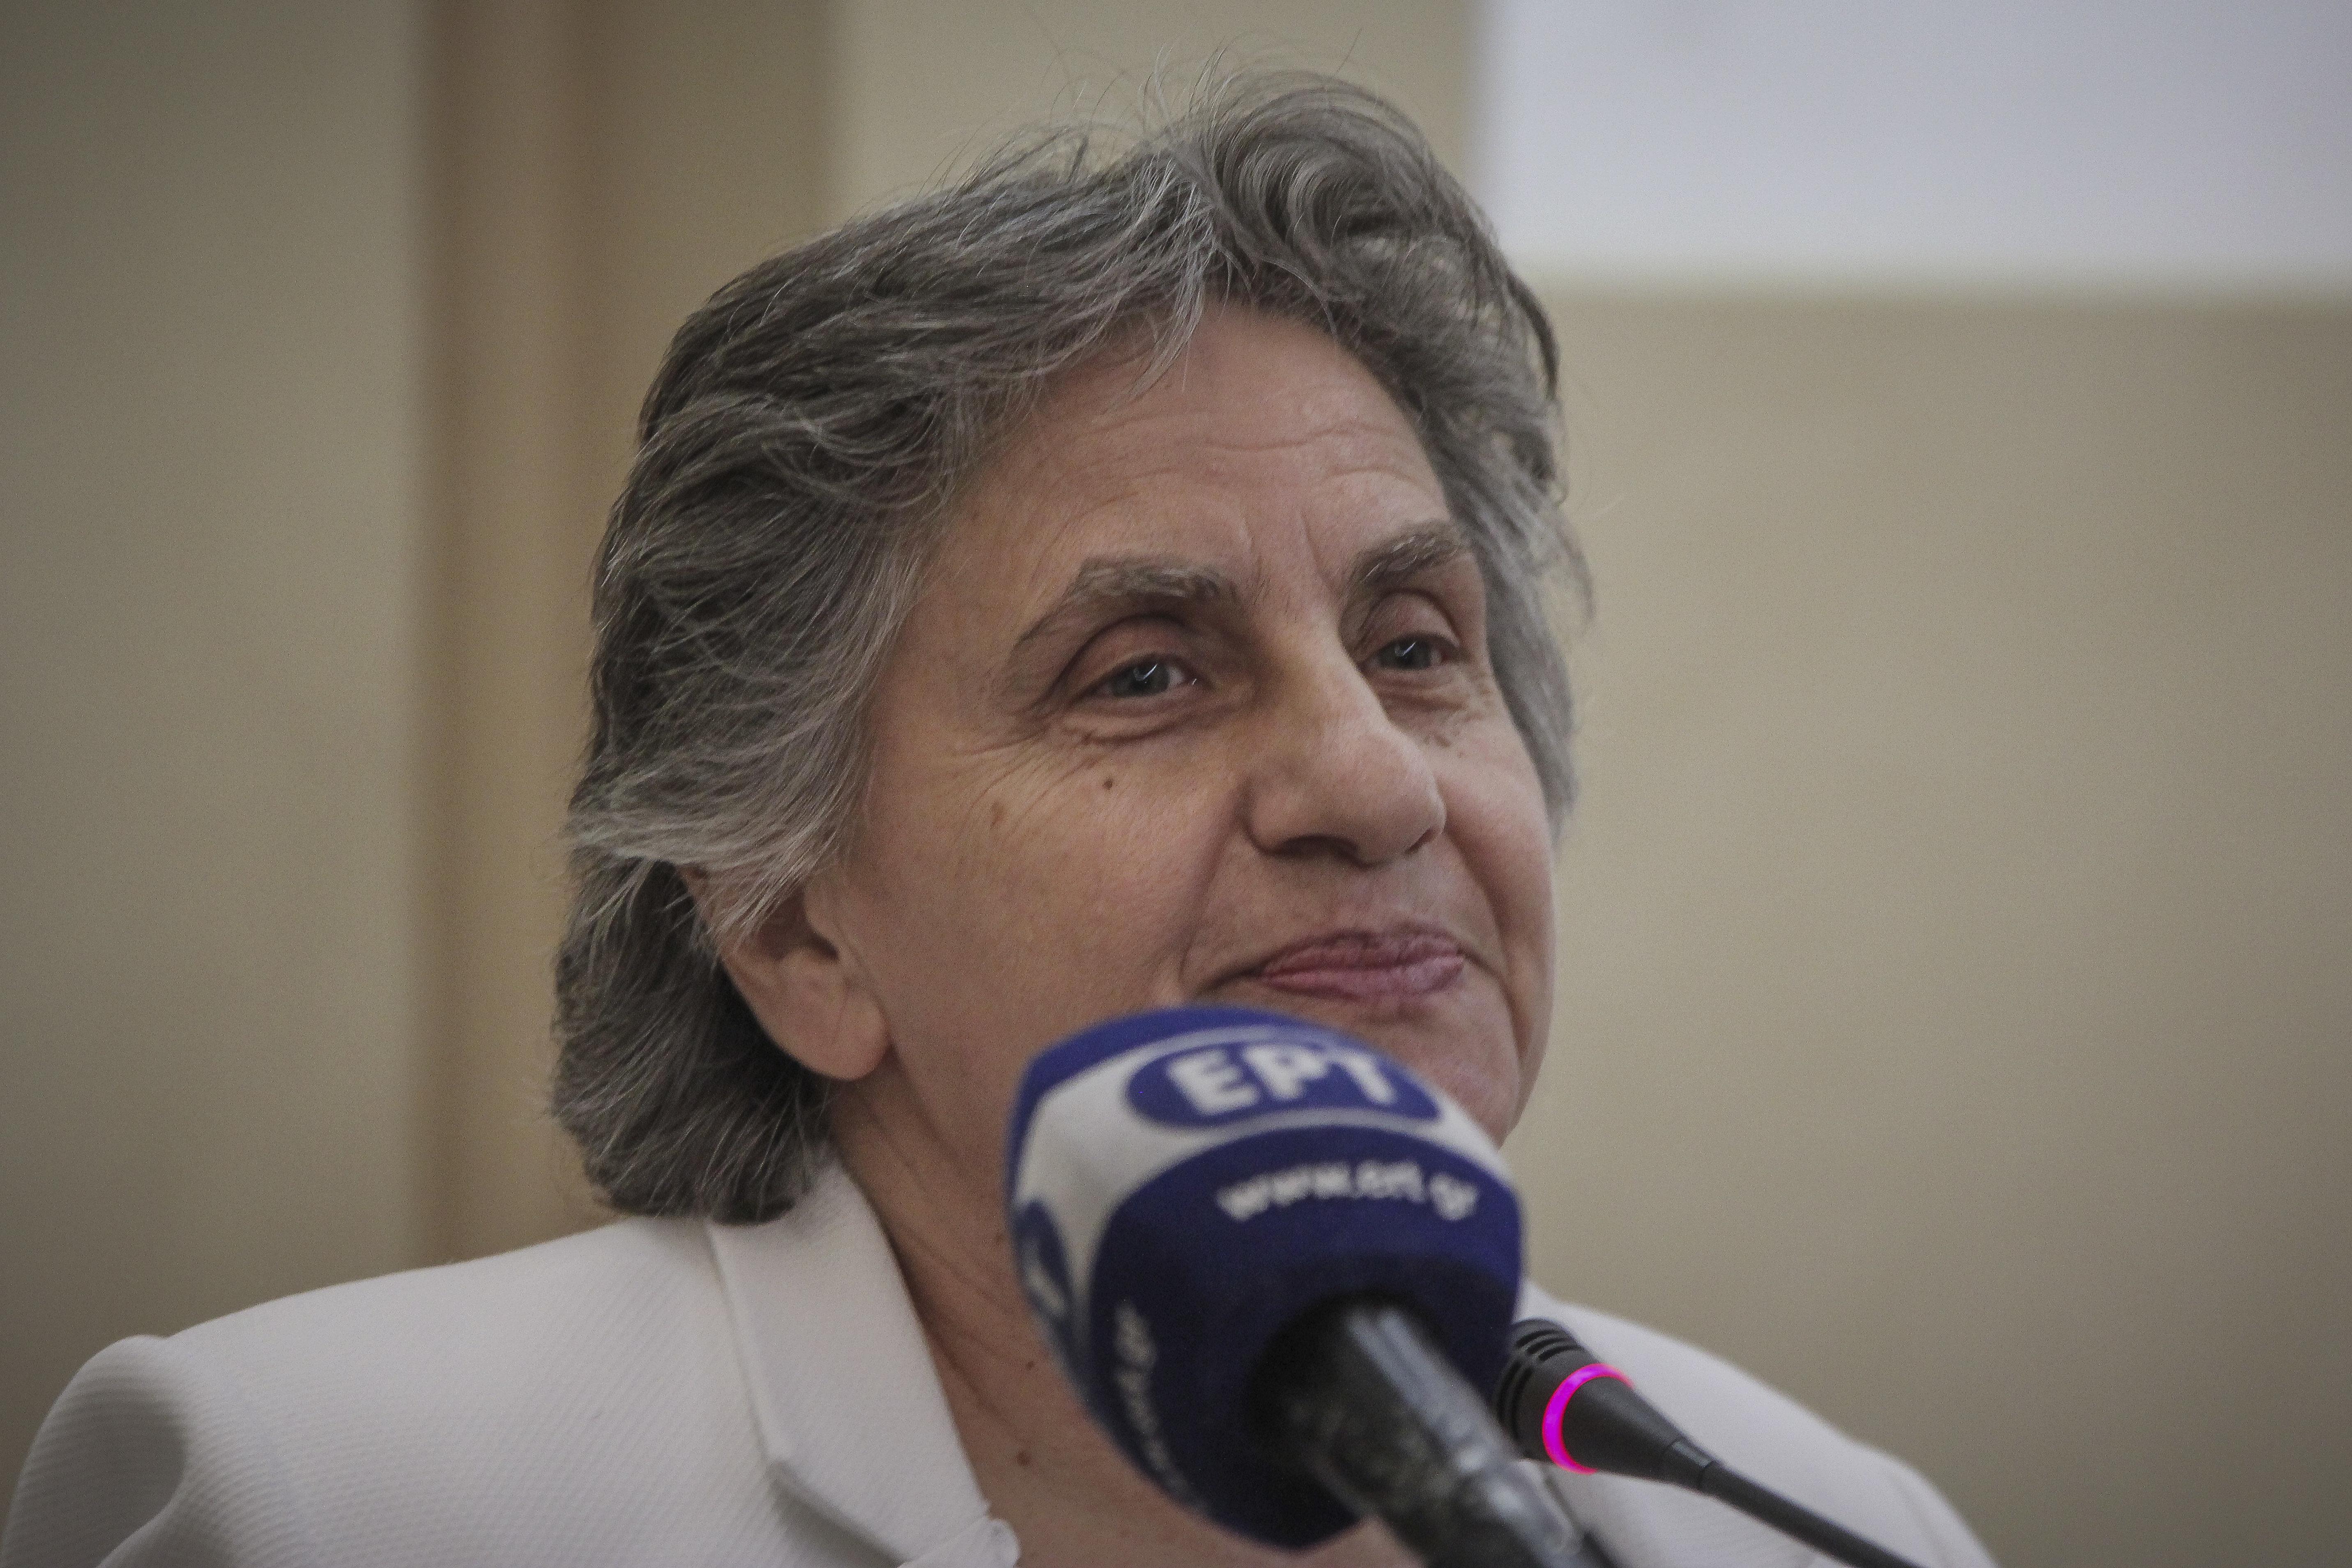 Εισαγγελική παρέμβαση για τις επιθέσεις κατά δημοσιογράφων με ρατσιστικά